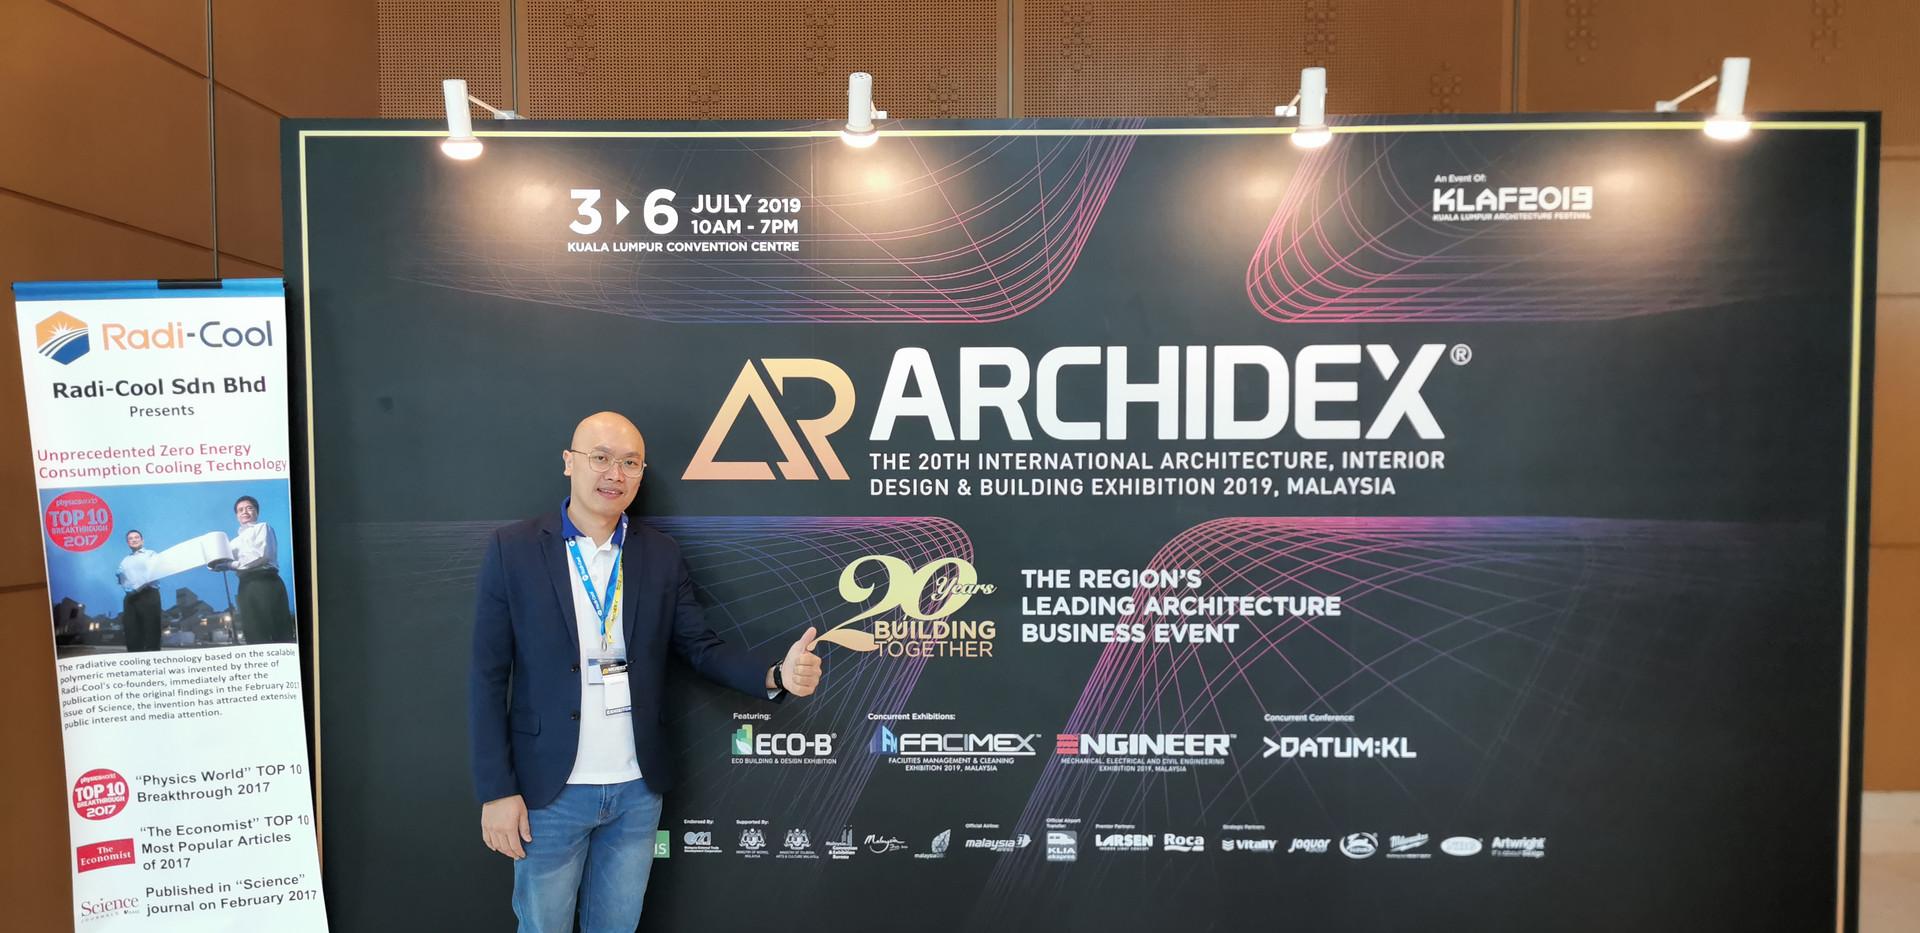 Archidex 2019